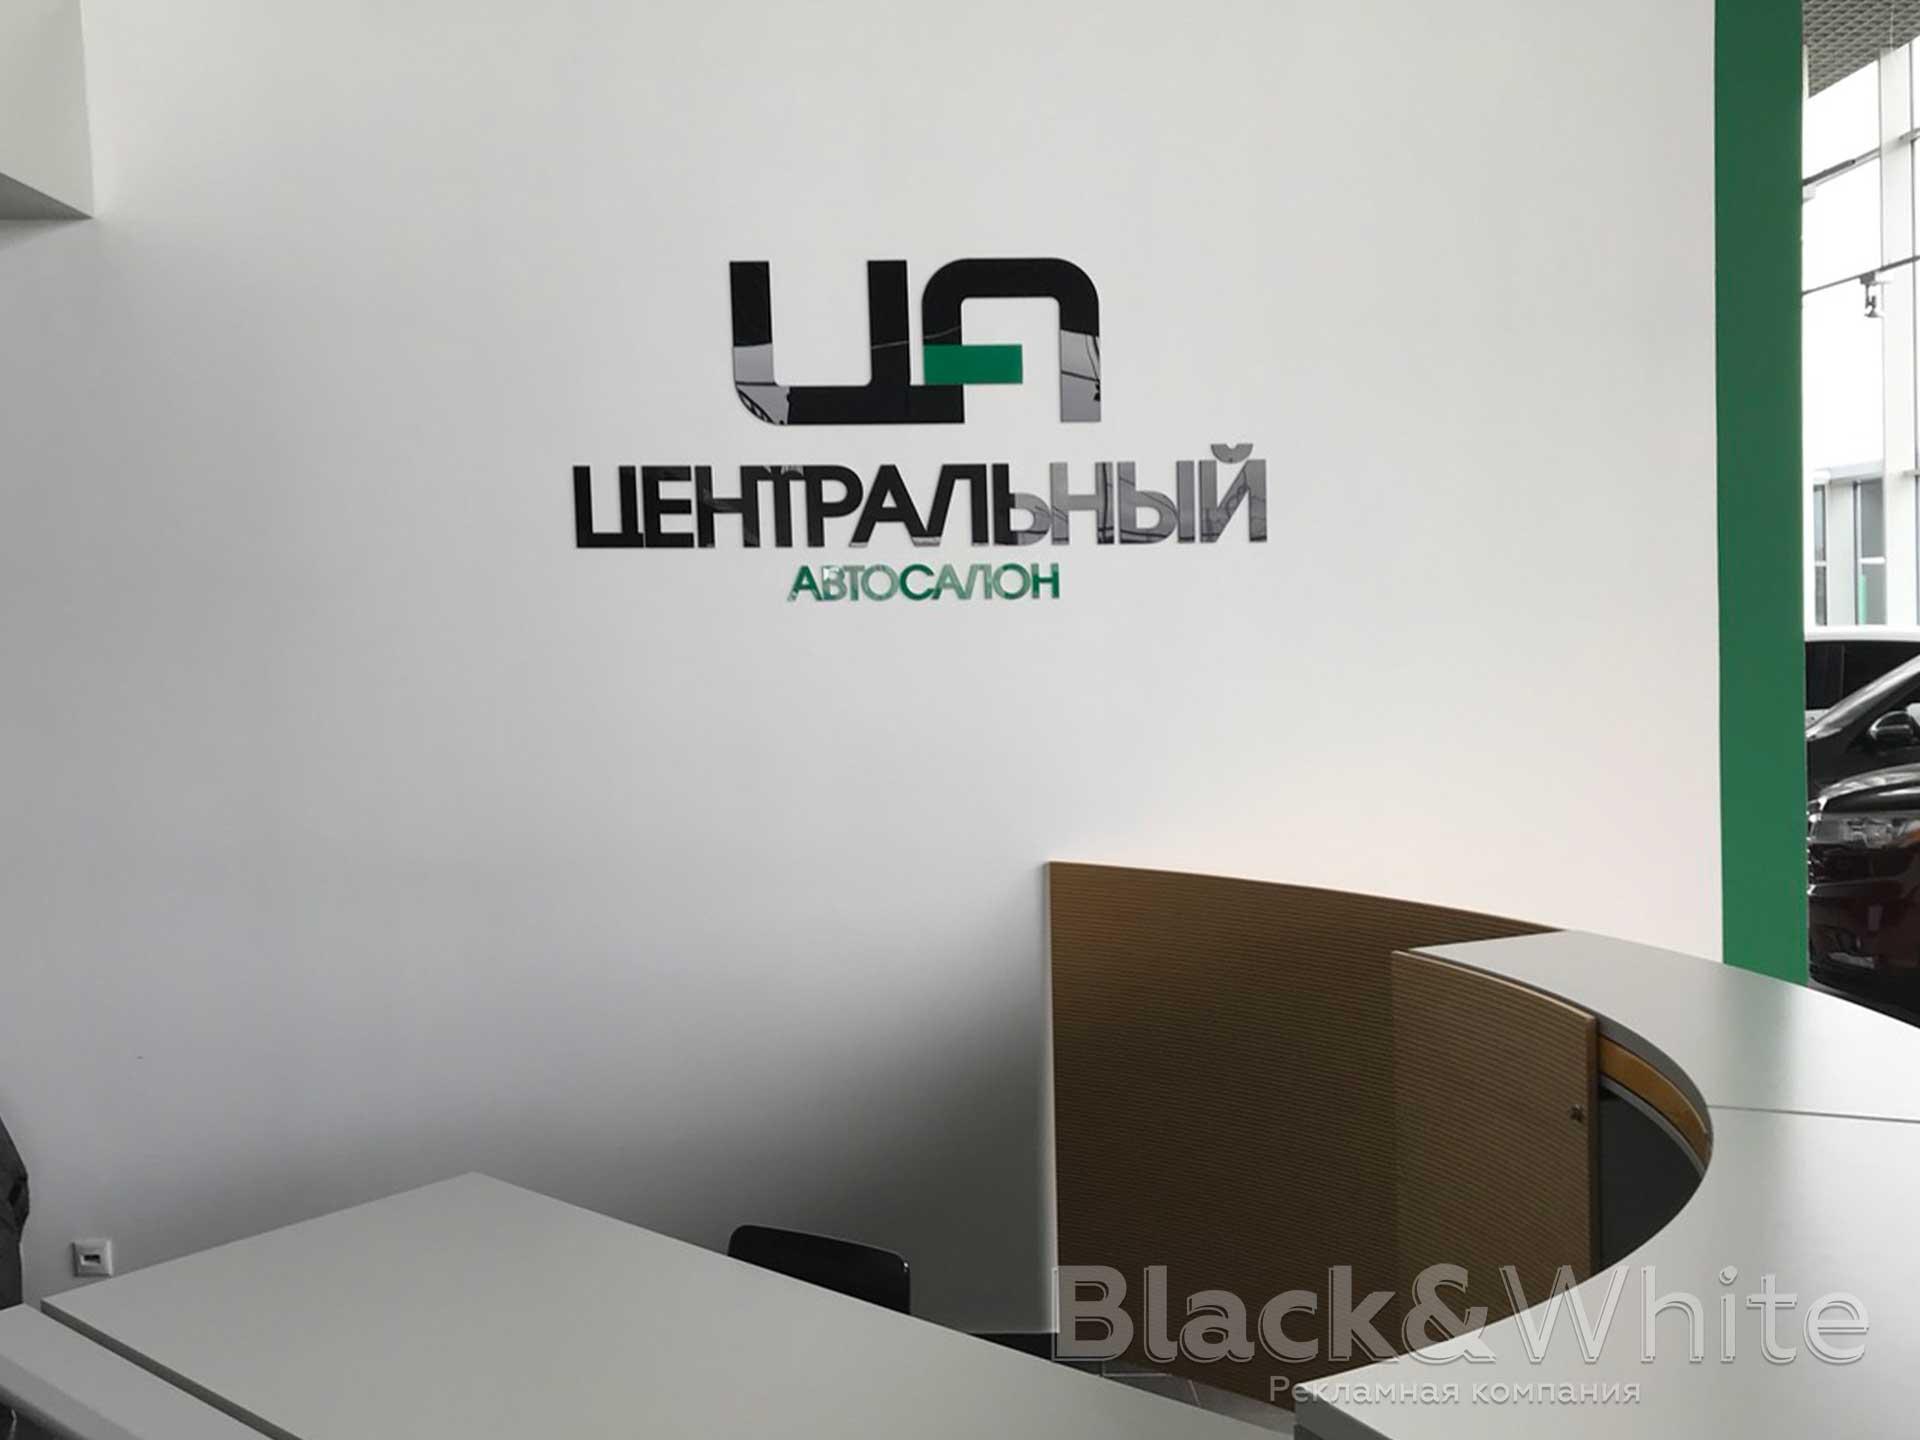 Логотип-компании-на-стену-изготовление-на-заказ.jpg